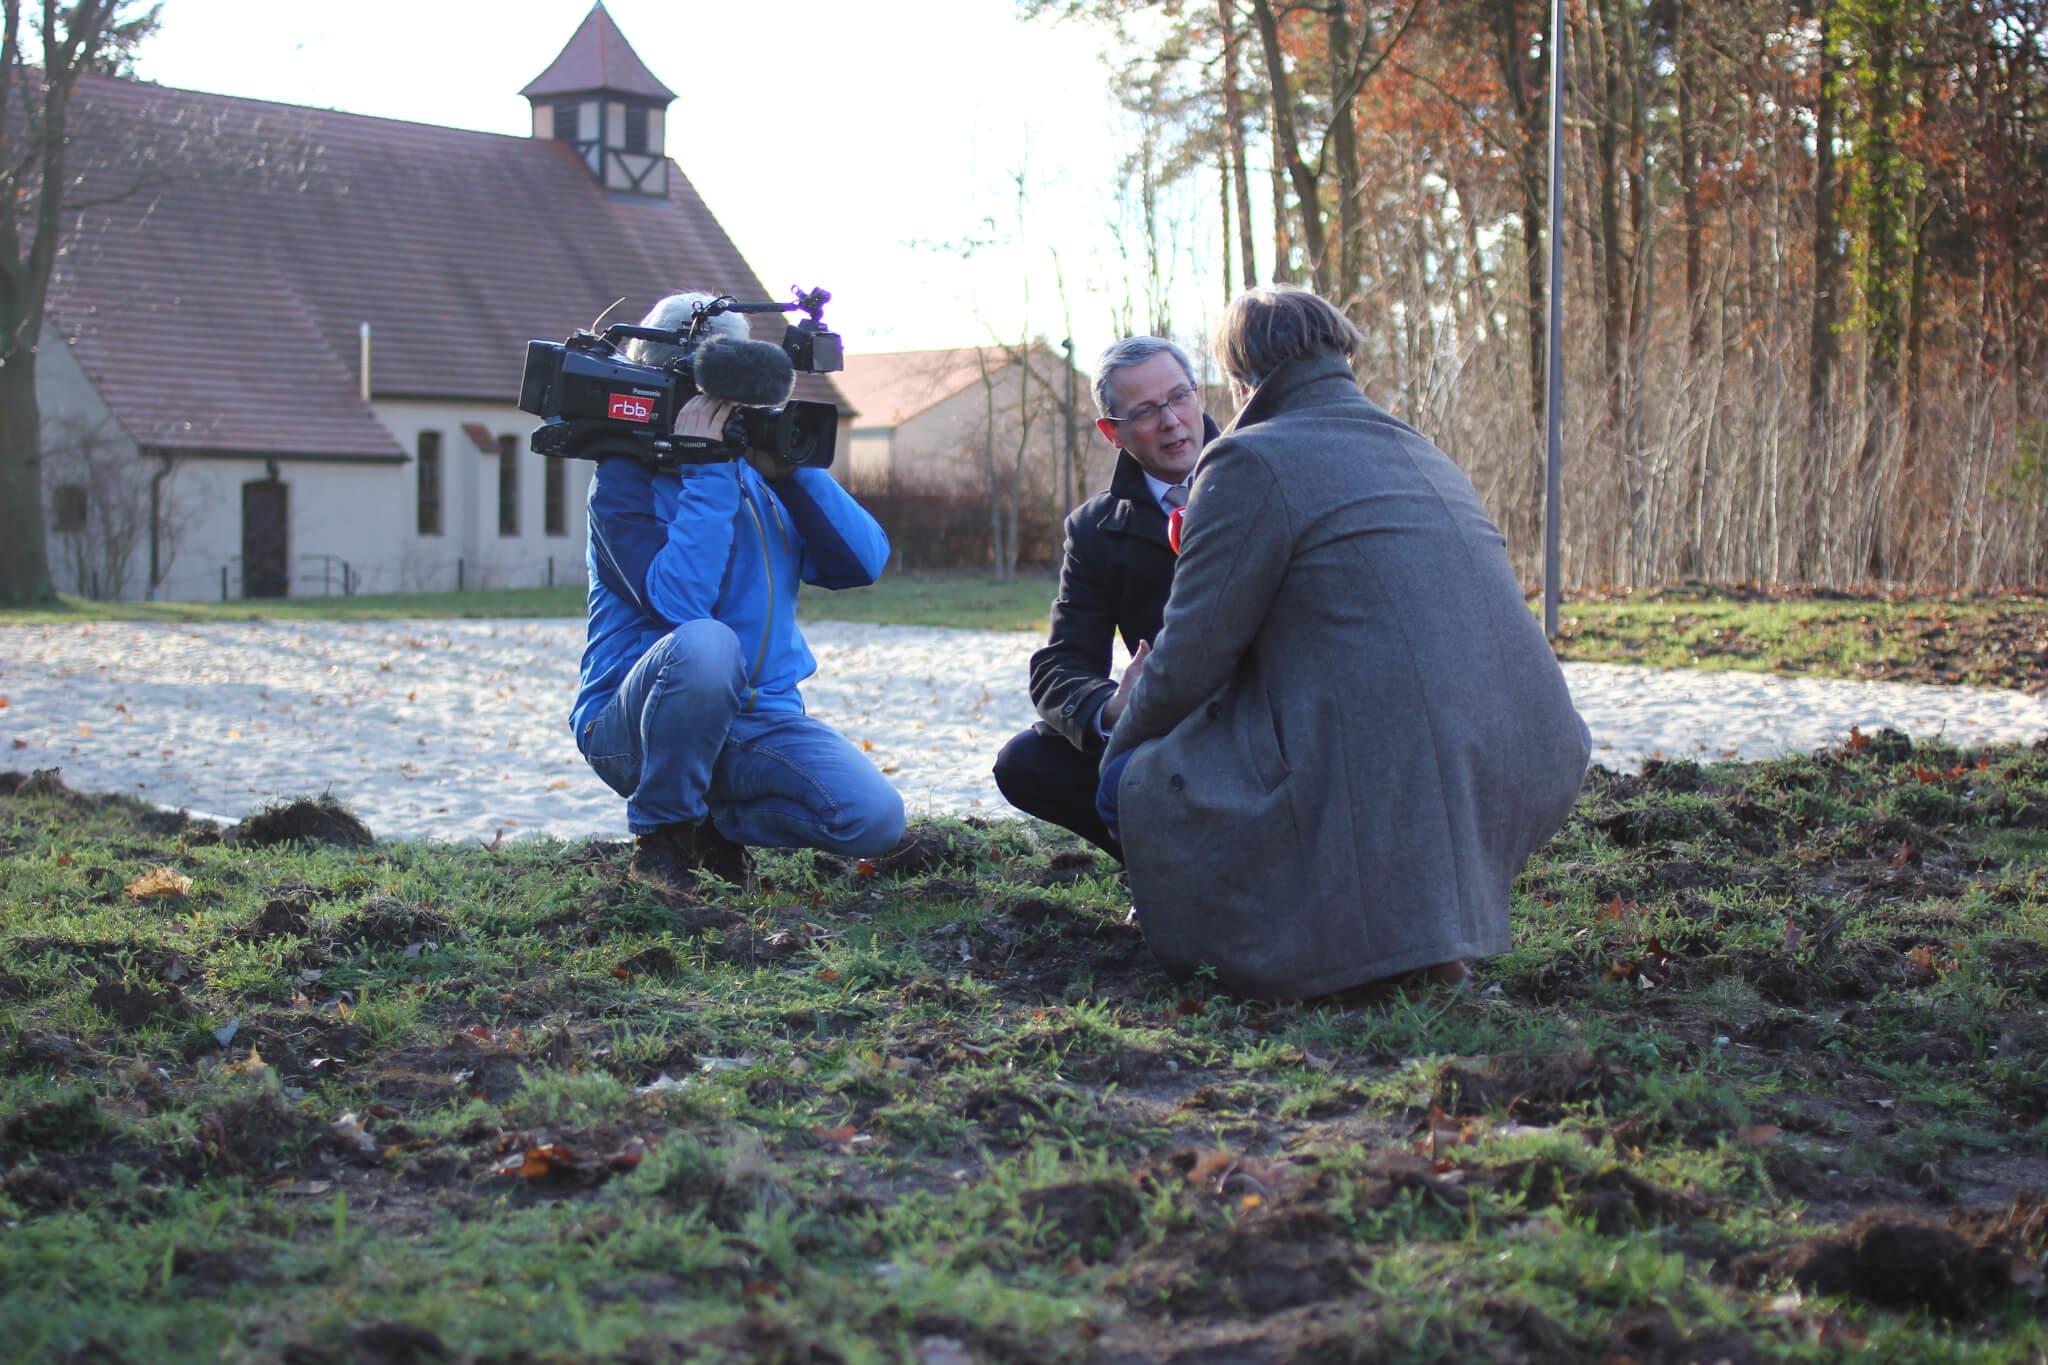 Igel Interview Kamera RBB Weidemann